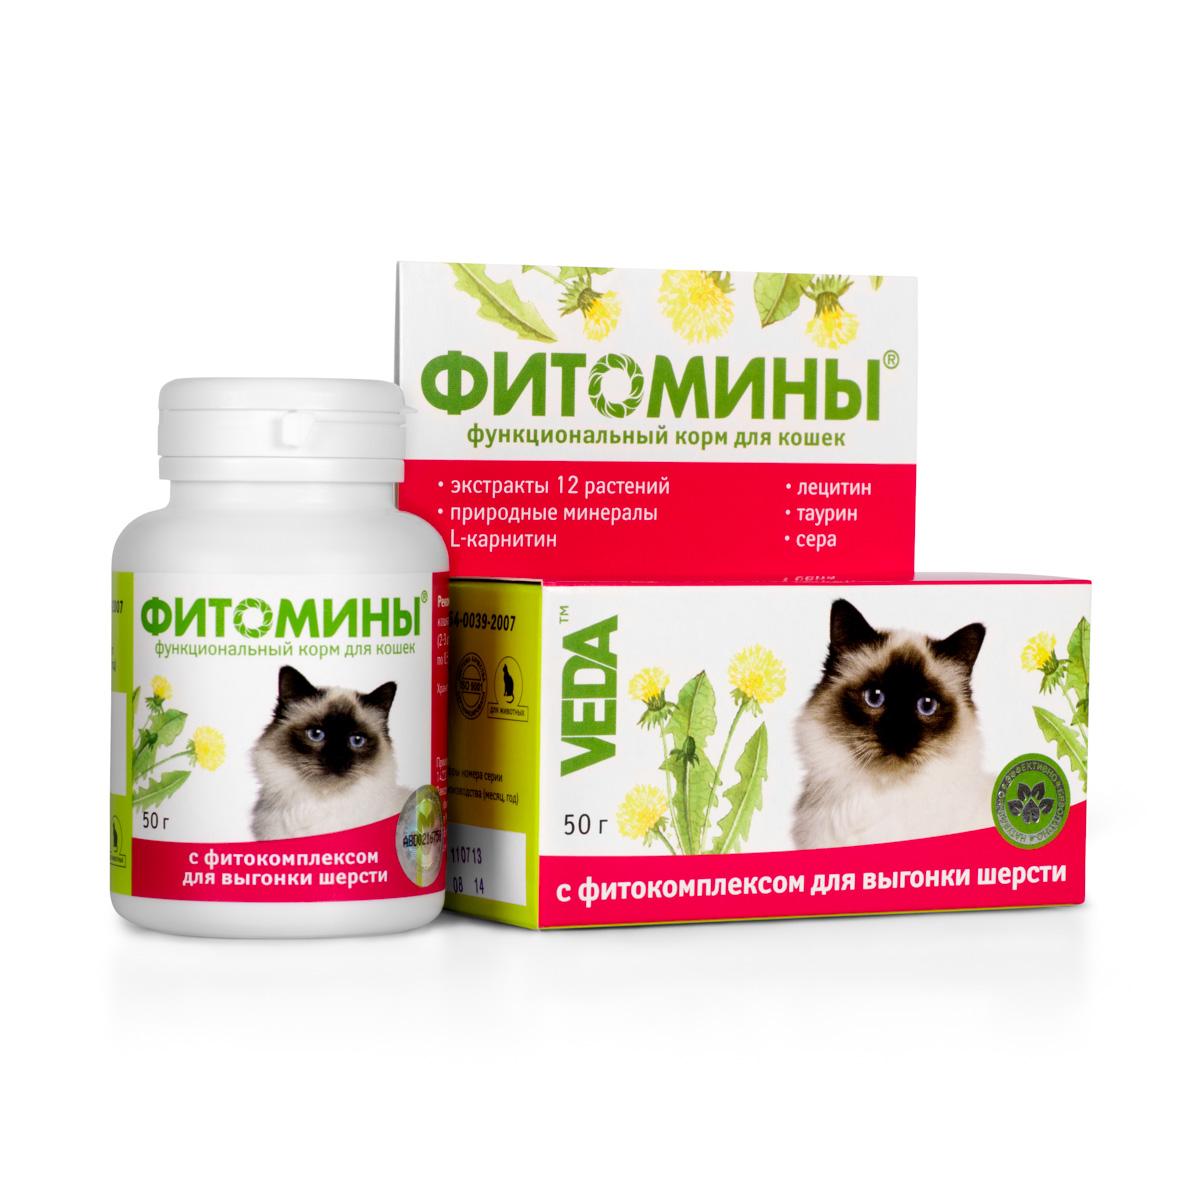 Корм для кошек VEDA Фитомины, функциональный, с фитокомплексом, для выгонки шерсти, 50 г60828Корм функциональный для кошек VEDA Фитомины для выгонки шерстис фитокомплексом способствует выведению из кишечника комочков вылизанной шерсти и инородных предметов, стимулирует перистальтику кишечника.Рекомендуется включать в рацион:- пушистым и длинношерстным кошкам, - животным со склонностью к запорам, - для нормализации работы желудочно-кишечного тракта, - при заглатывании несъедобных предметов (целлофан, бумага, веревка и т. п.).Состав: лактоза; крахмал; дрожжи пивные; фитокомплекс: травы золототысячника, травы солянки холмовой, травы фиалки, листьев подорожника большого, плодов фенхеля, травы чистотела, цветов бессмертника песчаного, корней одуванчика, чаги, травы тысячелистника, цветков лабазника вязолистного, корней и корневищ солодки; природный минеральный комплекс; паровая рыбная мука; стеарат кальция; лецитин; L-карнитин; таурин; сера.В 100 г продукта содержится (не менее): углеводы - 89 г; жиры – 0,8 г; белки – 3,5 г; кальций - 600 мг; фосфор - 360 мг; железо - 15,0 мг; цинк - 4 мг; марганец - 0,1 мг; медь - 0,3 мг; L-карнитин - 0,5 г; лецитин – 0,5 г; таурин – 0,2 г; сера - 0,1 г.Энергетическая ценность в 100 г: 380 ккал. Товар сертифицирован.